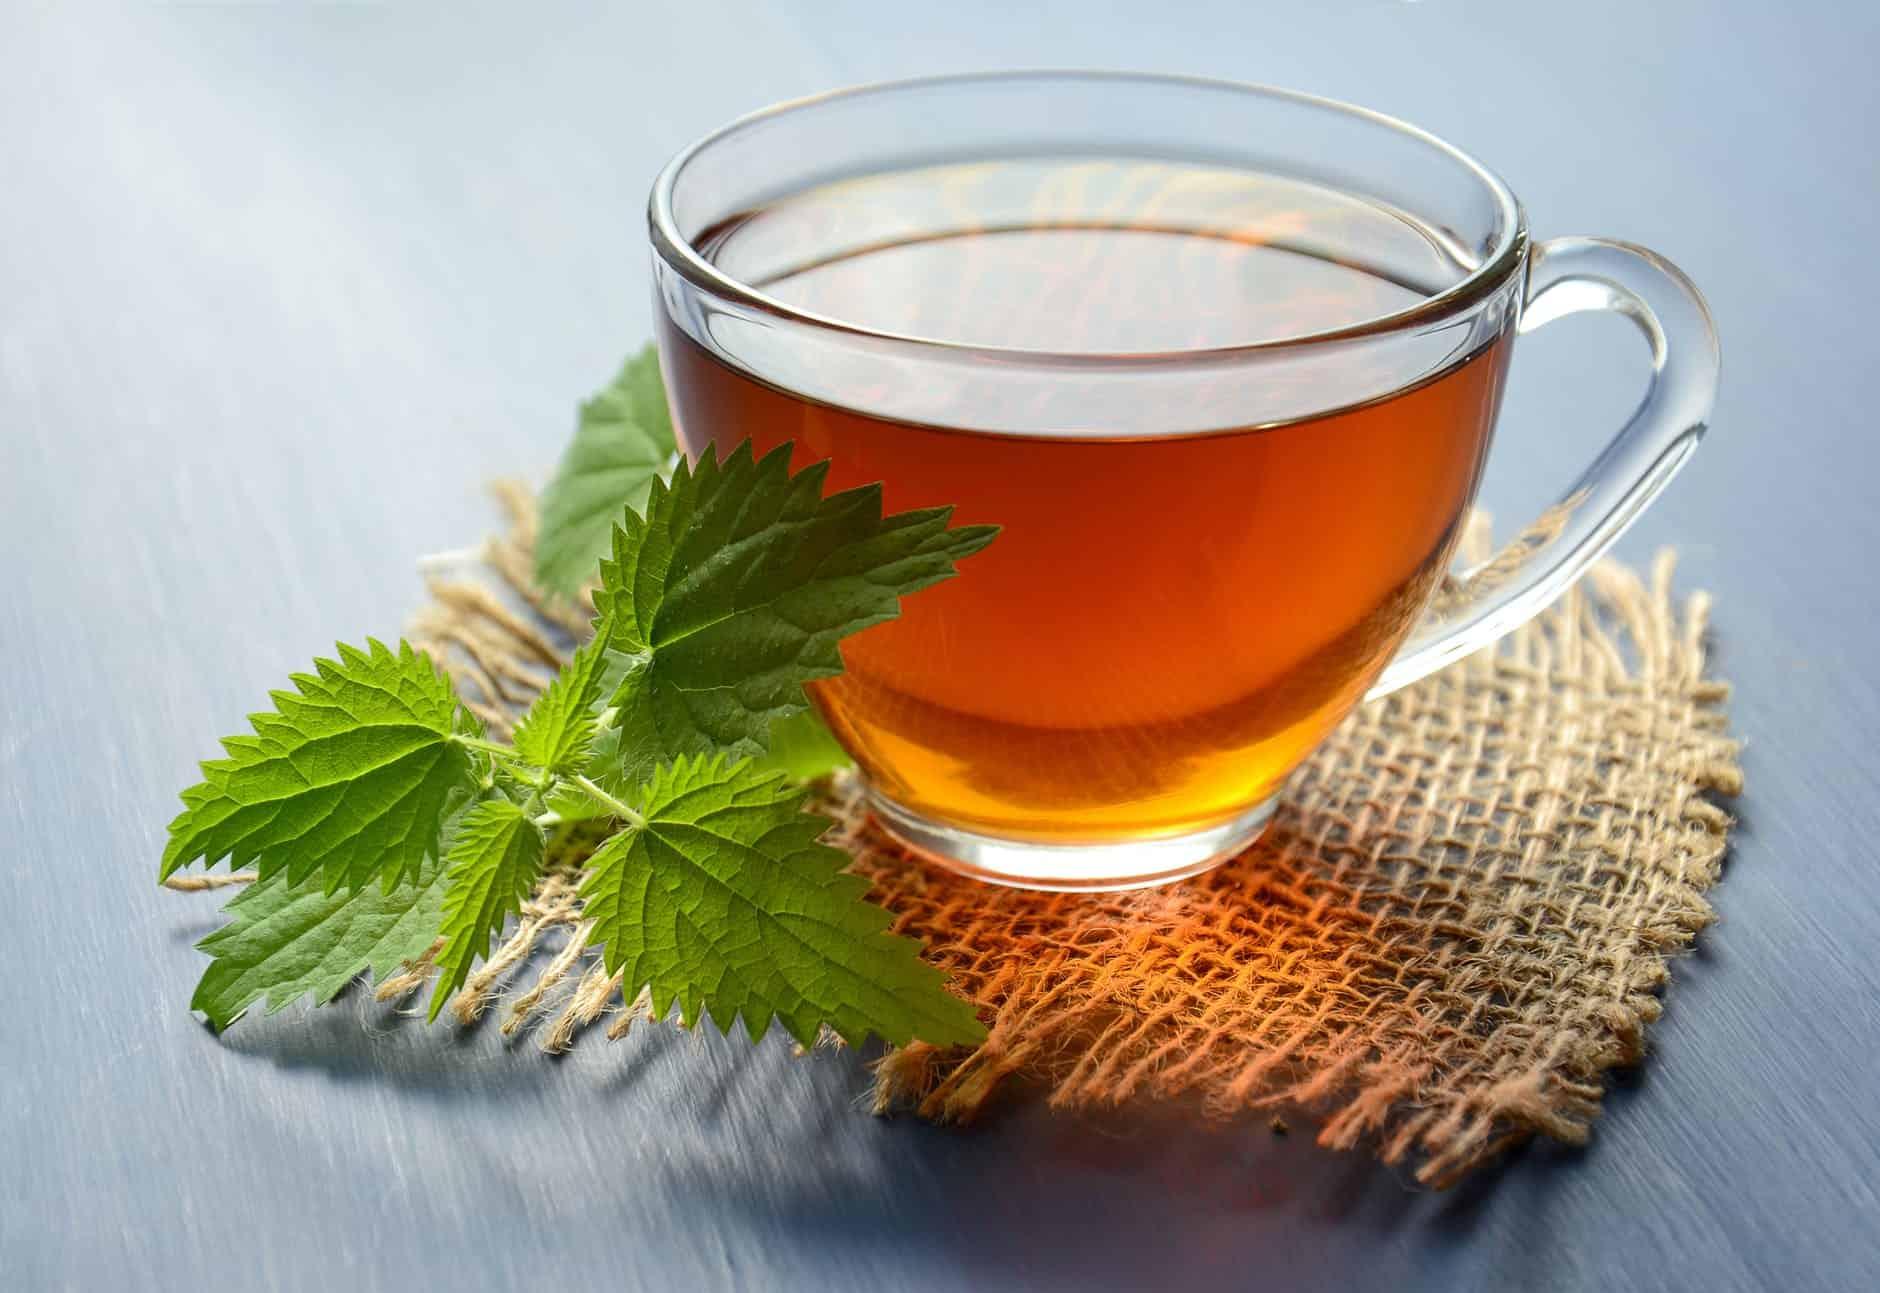 Міжнародний день чаю